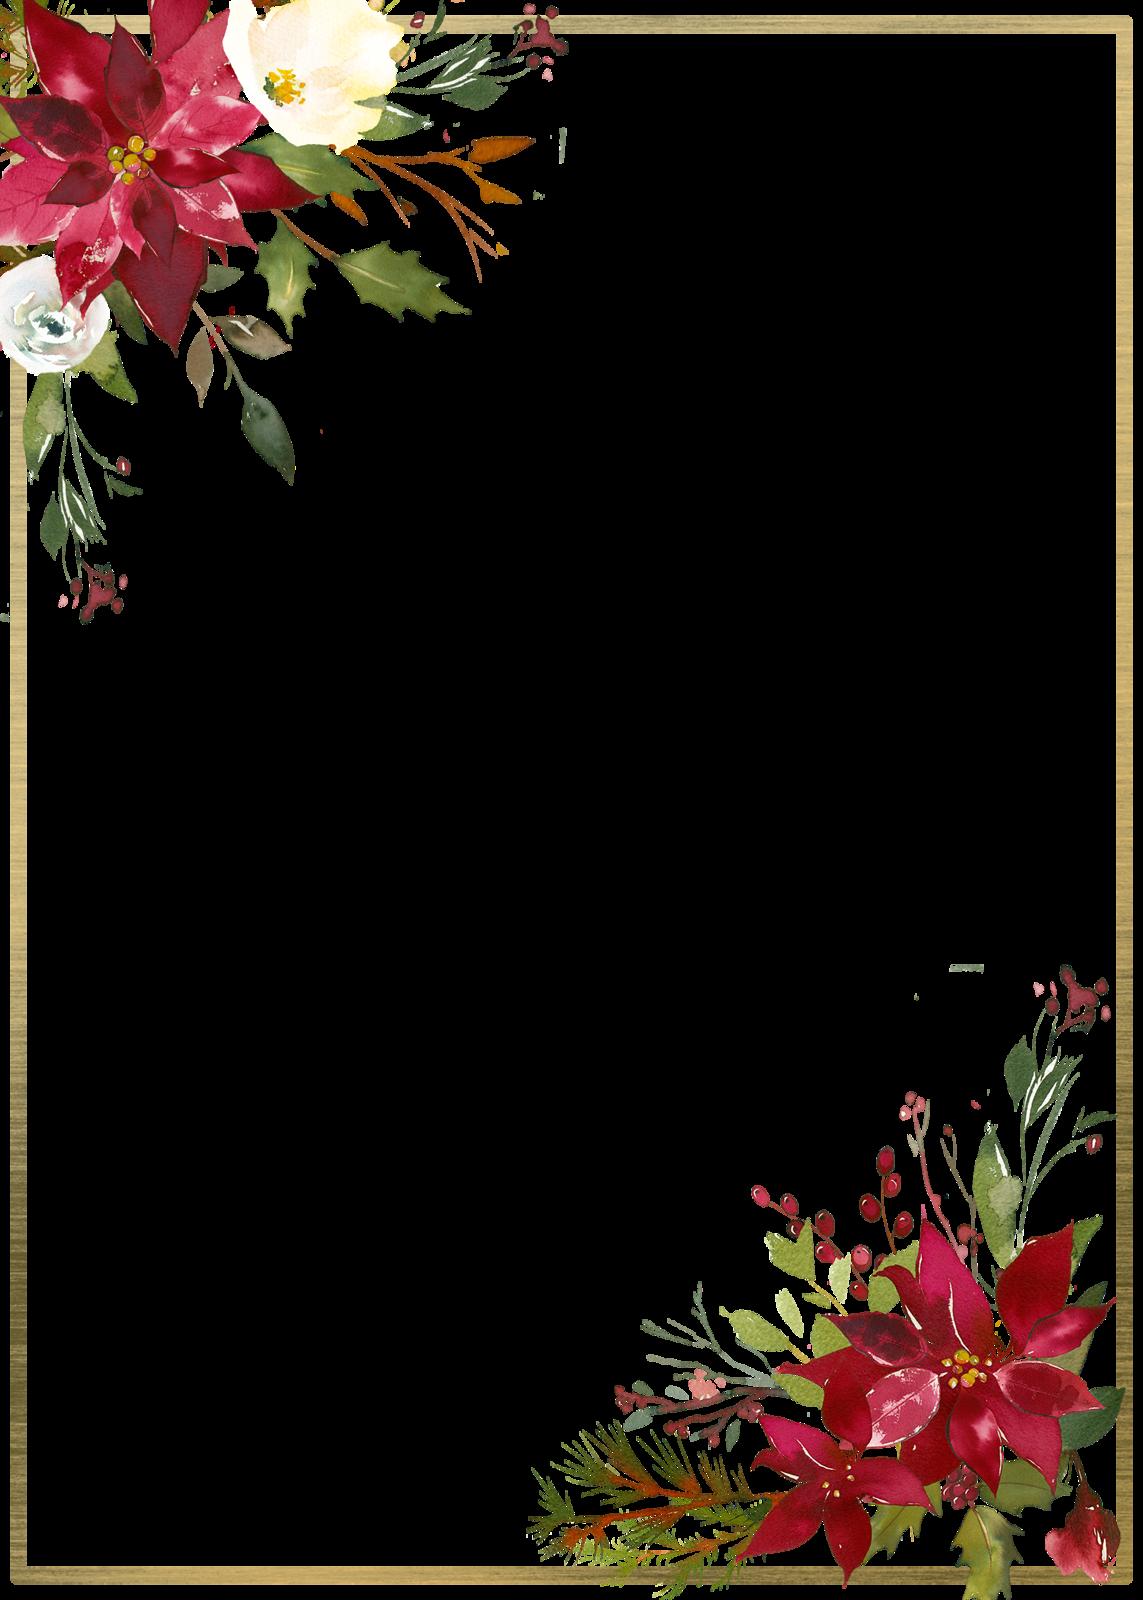 leaf1.png Цветочные фоны, Цветочные картины и Винтажные